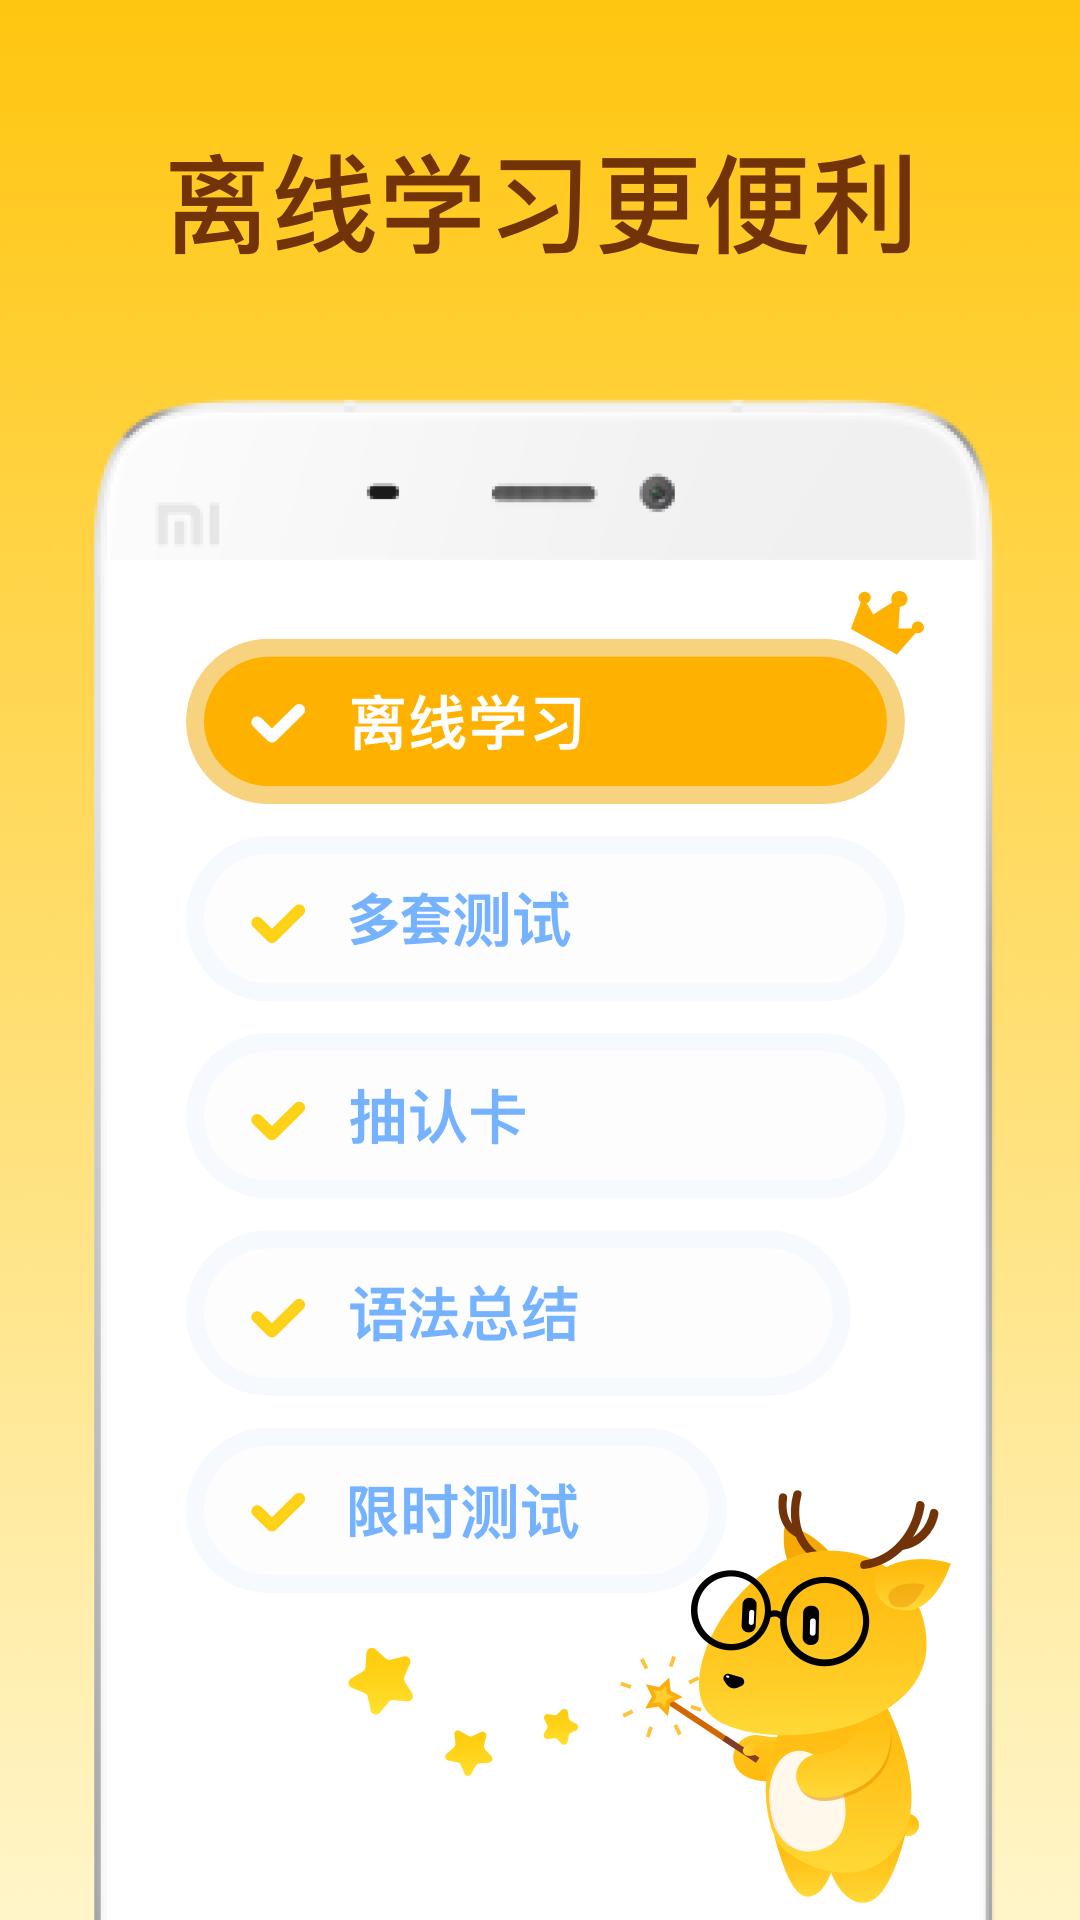 鹿老师说外语 V1.05 安卓免费版截图3